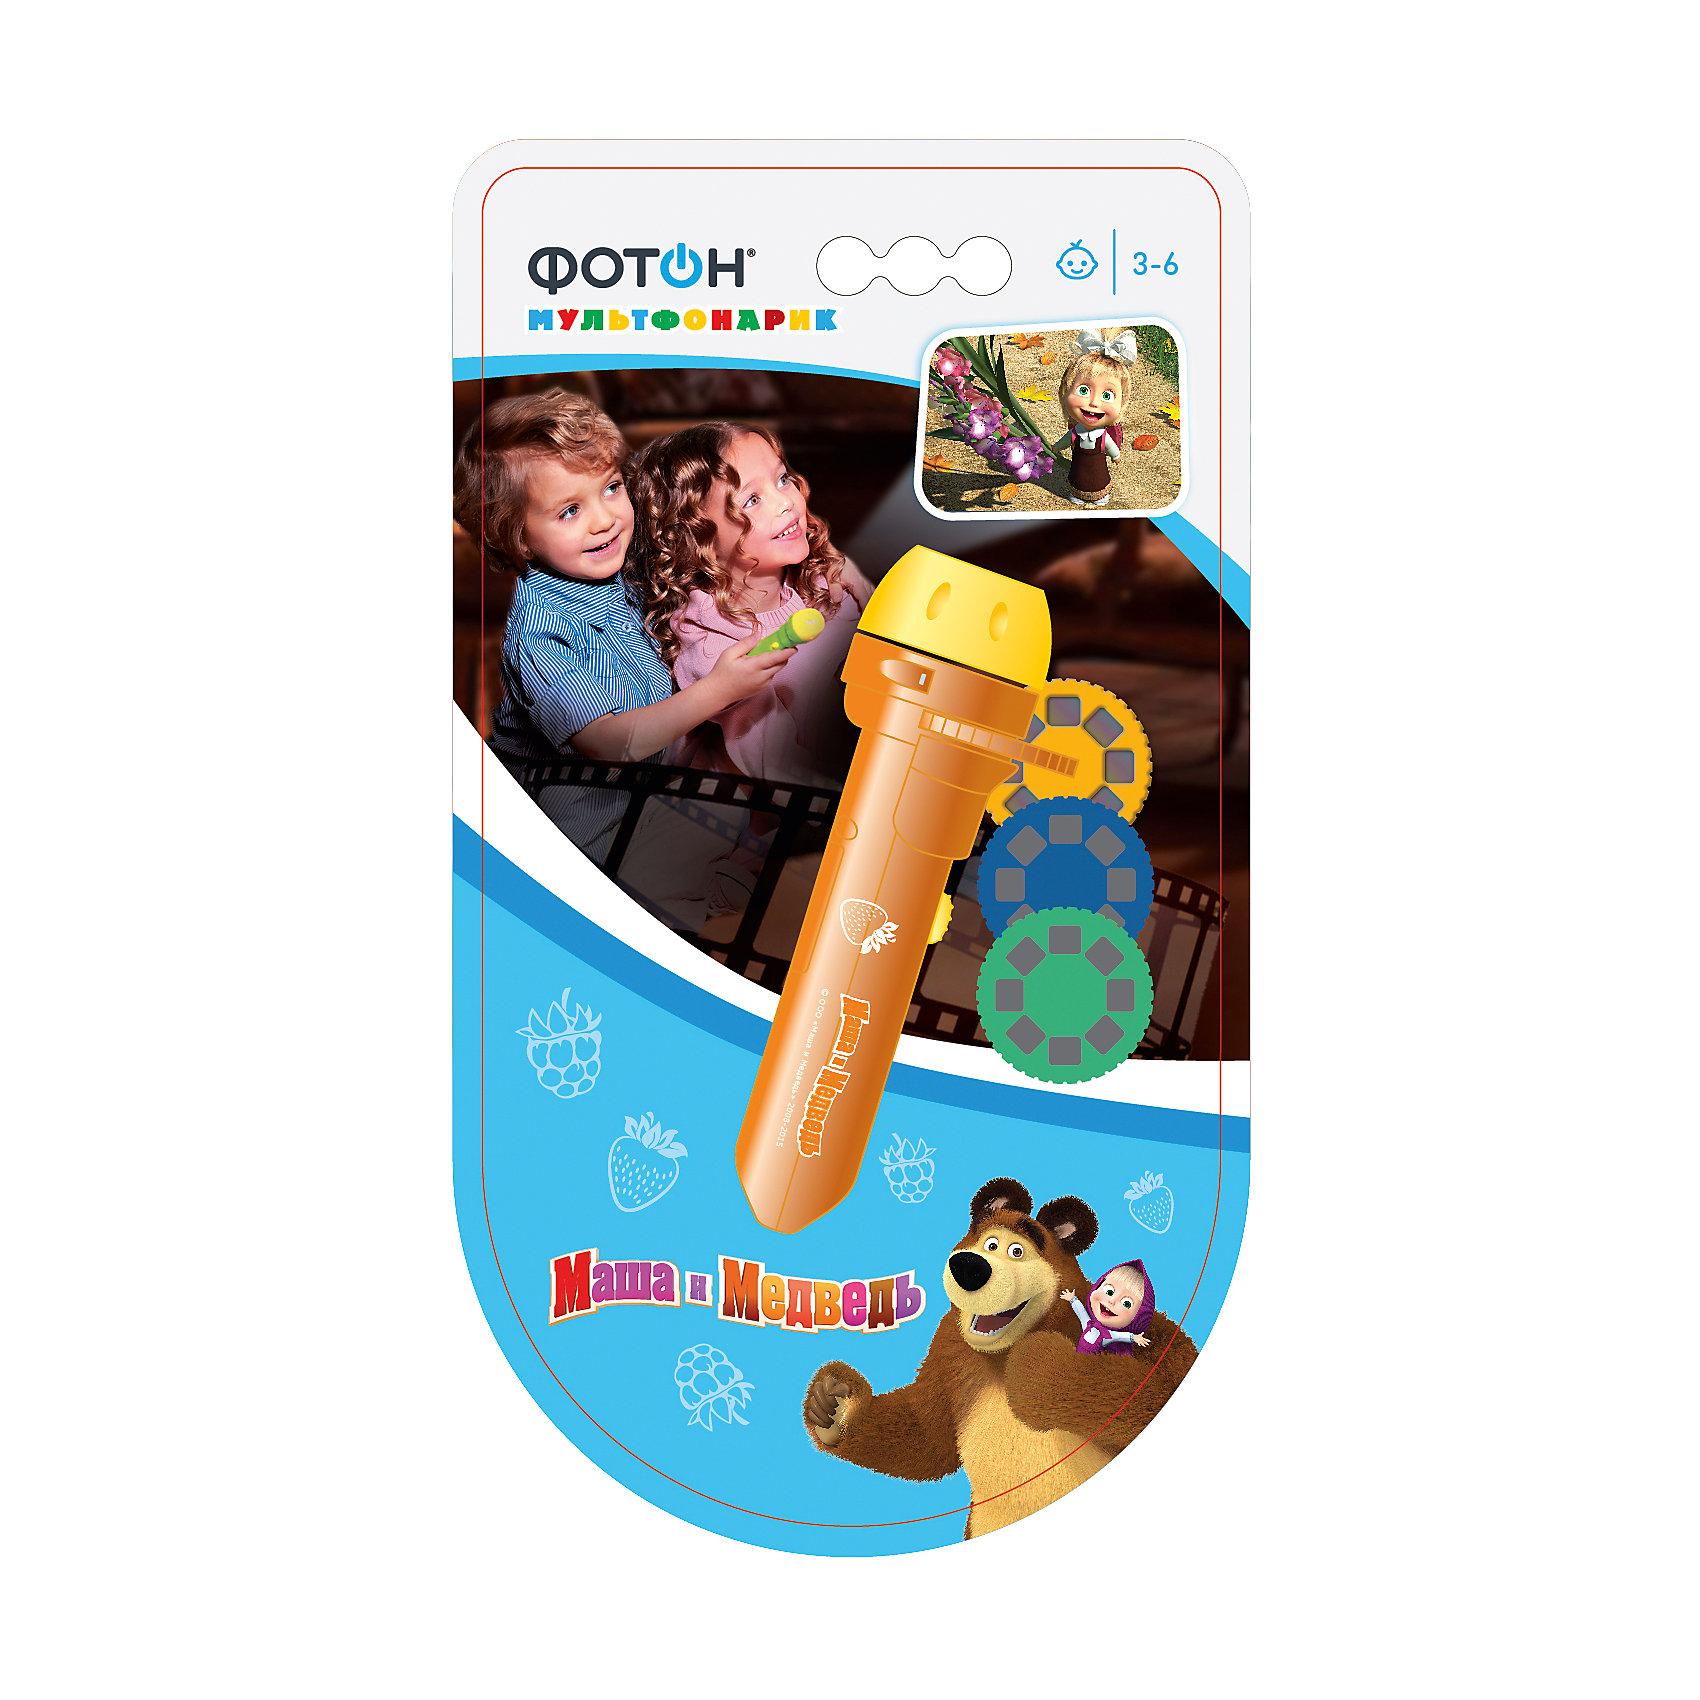 Мультфонарик с дисками  Маша и Медведь, оранжевый, ФотонЛампы, ночники, фонарики<br>Мультфонарик с дисками Маша и Медведь, оранжевый, Фотон.<br><br>Характеристика:<br><br>• Материал: пластик, металл.<br>• Длина фонарика: 11,5 см. <br>• Размер упаковки: 21x13 см.<br>• Проецирует картинку на расстоянии: 0,3-3 м. <br>• Комплектация: фонарик, 3 диска (по 8 кадров в каждом). <br>• Сказки: Про новогоднее представление (оранжевый диск), Про Машу-первоклашку (фиолетовый диск), Про Машу и музыкальные инструменты (салатовый диск). <br>• Элемент питания: 3 батарейки 1,5V типа AG3/LR41 (в комплекте демонстрационные). <br>• Яркий привлекательный дизайн.<br><br>Мультфонарик с дисками - прекрасный подарок для всех поклонников Маши и Медведя. Проецируя на стену изображения и перемещая диск дети смогут увидеть любимые сюжеты, показать и рассказать знакомые истории. Качественные проекции и простота использования позволяют играть с фонариком детям любого возраста. Фонарик небольшого размера легко поместится с сумке или кармане, а значит, любимые герои и захватывающие истории смогут быть рядом всегда и везде. <br>Изображения можно спроецировать на любую ровную поверхность. Фонарик выполнен из высококачественного прочного пластика, работает от батареек. <br><br>Мультфонарик с дисками Маша и Медведь, оранжевый, Фотон, можно купить в нашем интернет-магазине.<br><br>Ширина мм: 230<br>Глубина мм: 125<br>Высота мм: 35<br>Вес г: 106<br>Возраст от месяцев: 24<br>Возраст до месяцев: 120<br>Пол: Унисекс<br>Возраст: Детский<br>SKU: 5268927